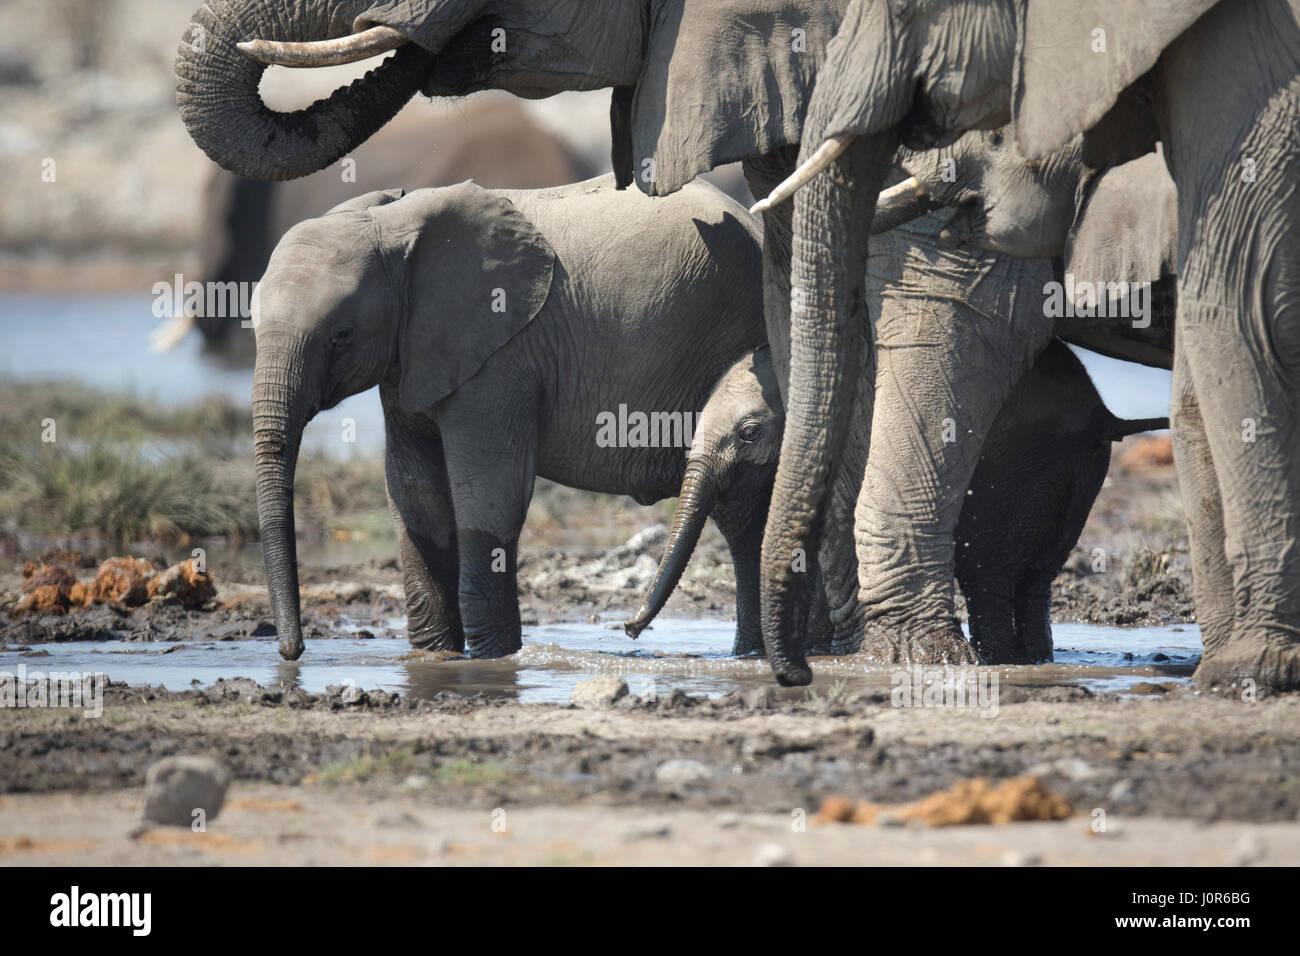 Elephant calf in Etosha National Park. - Stock Image